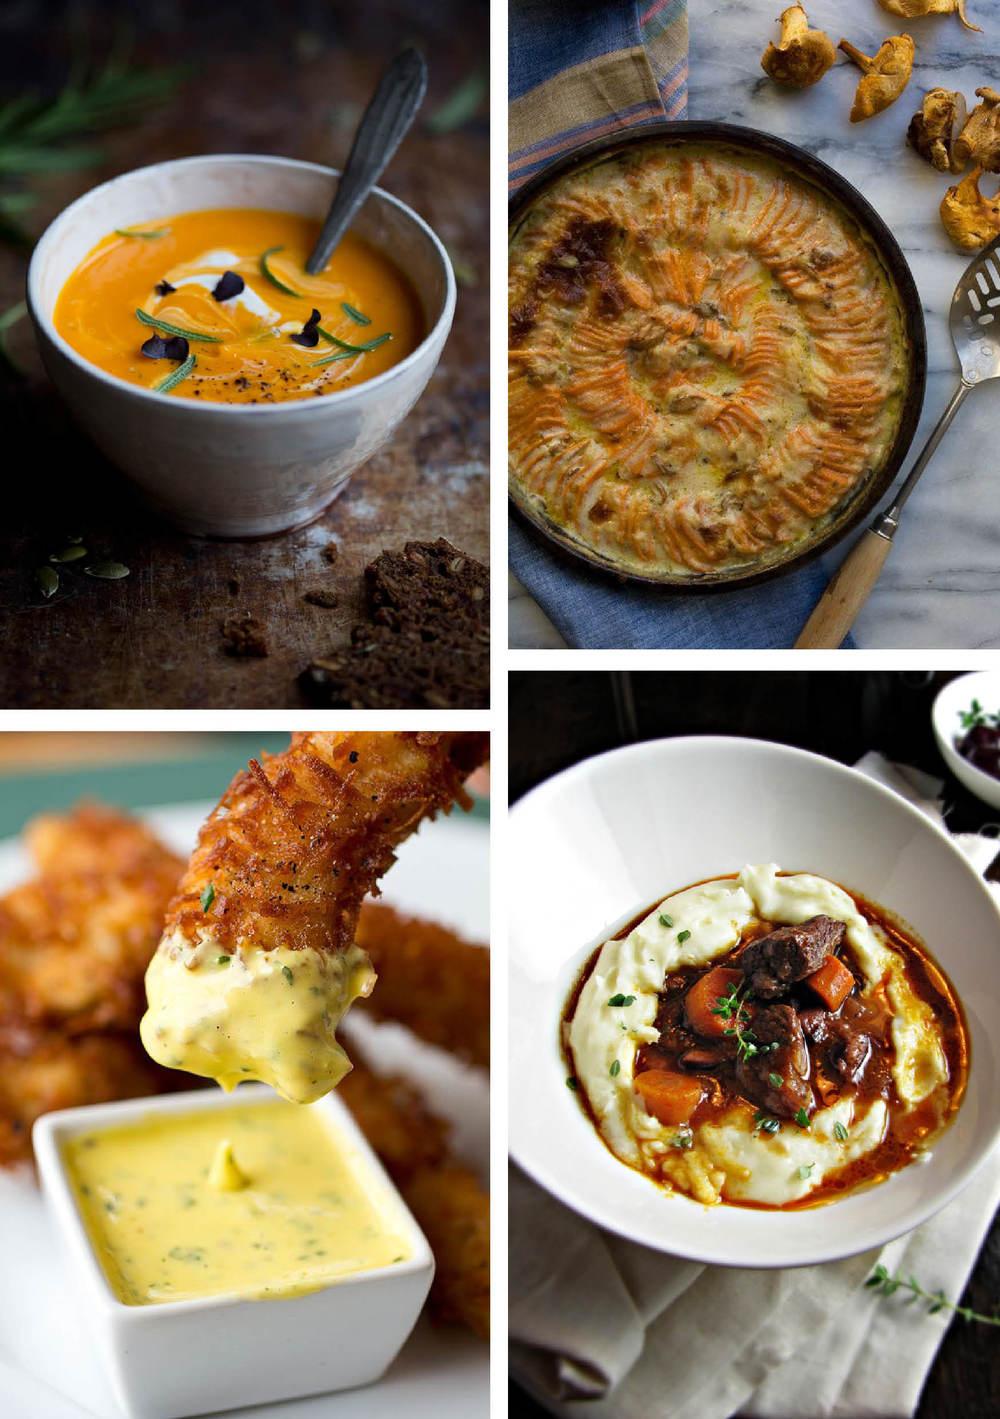 FOODMOOD-comfortfood.jpg